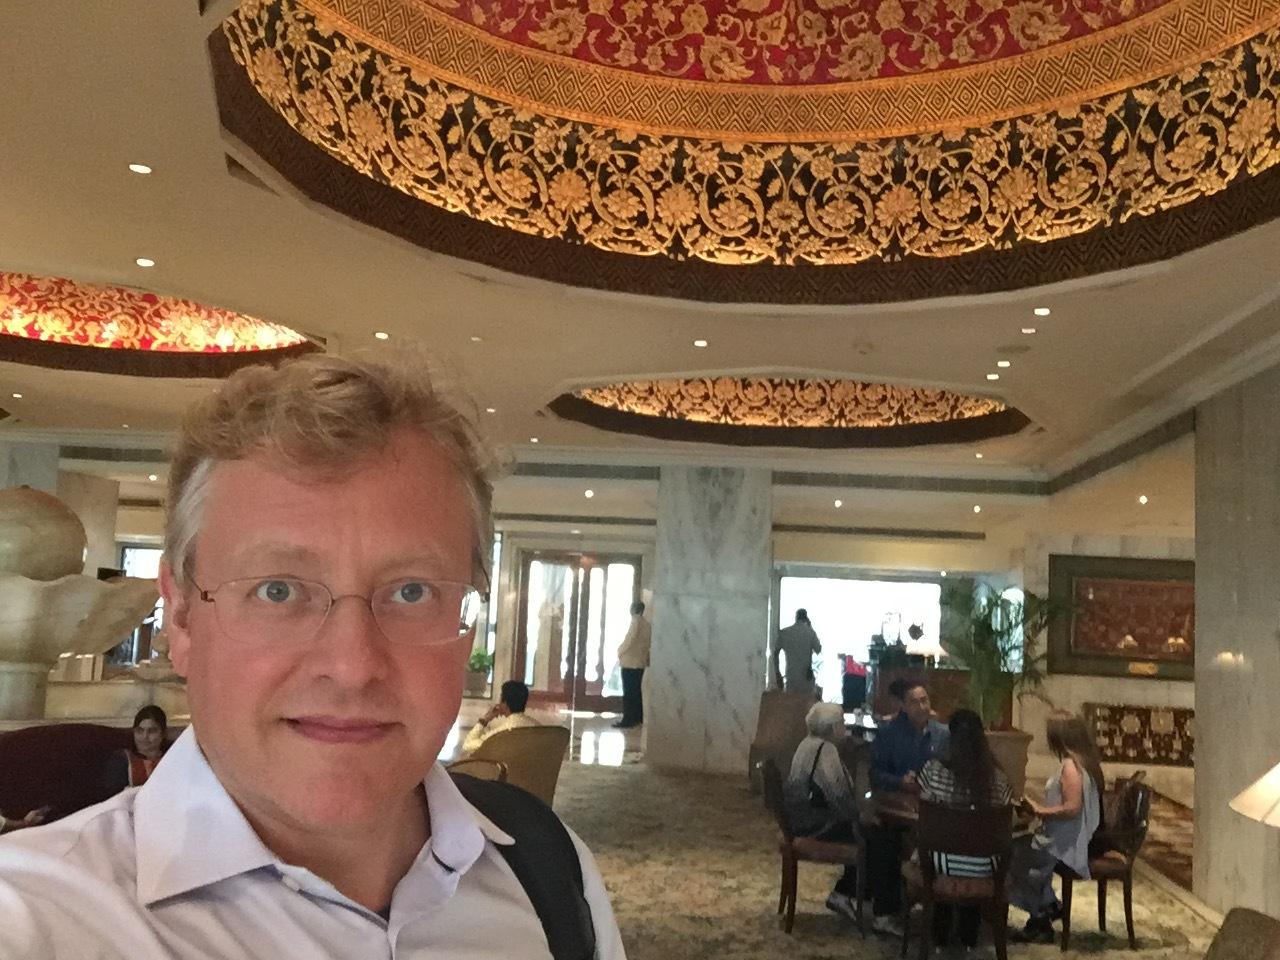 A selfie in the lobby of the Taj in Delhi